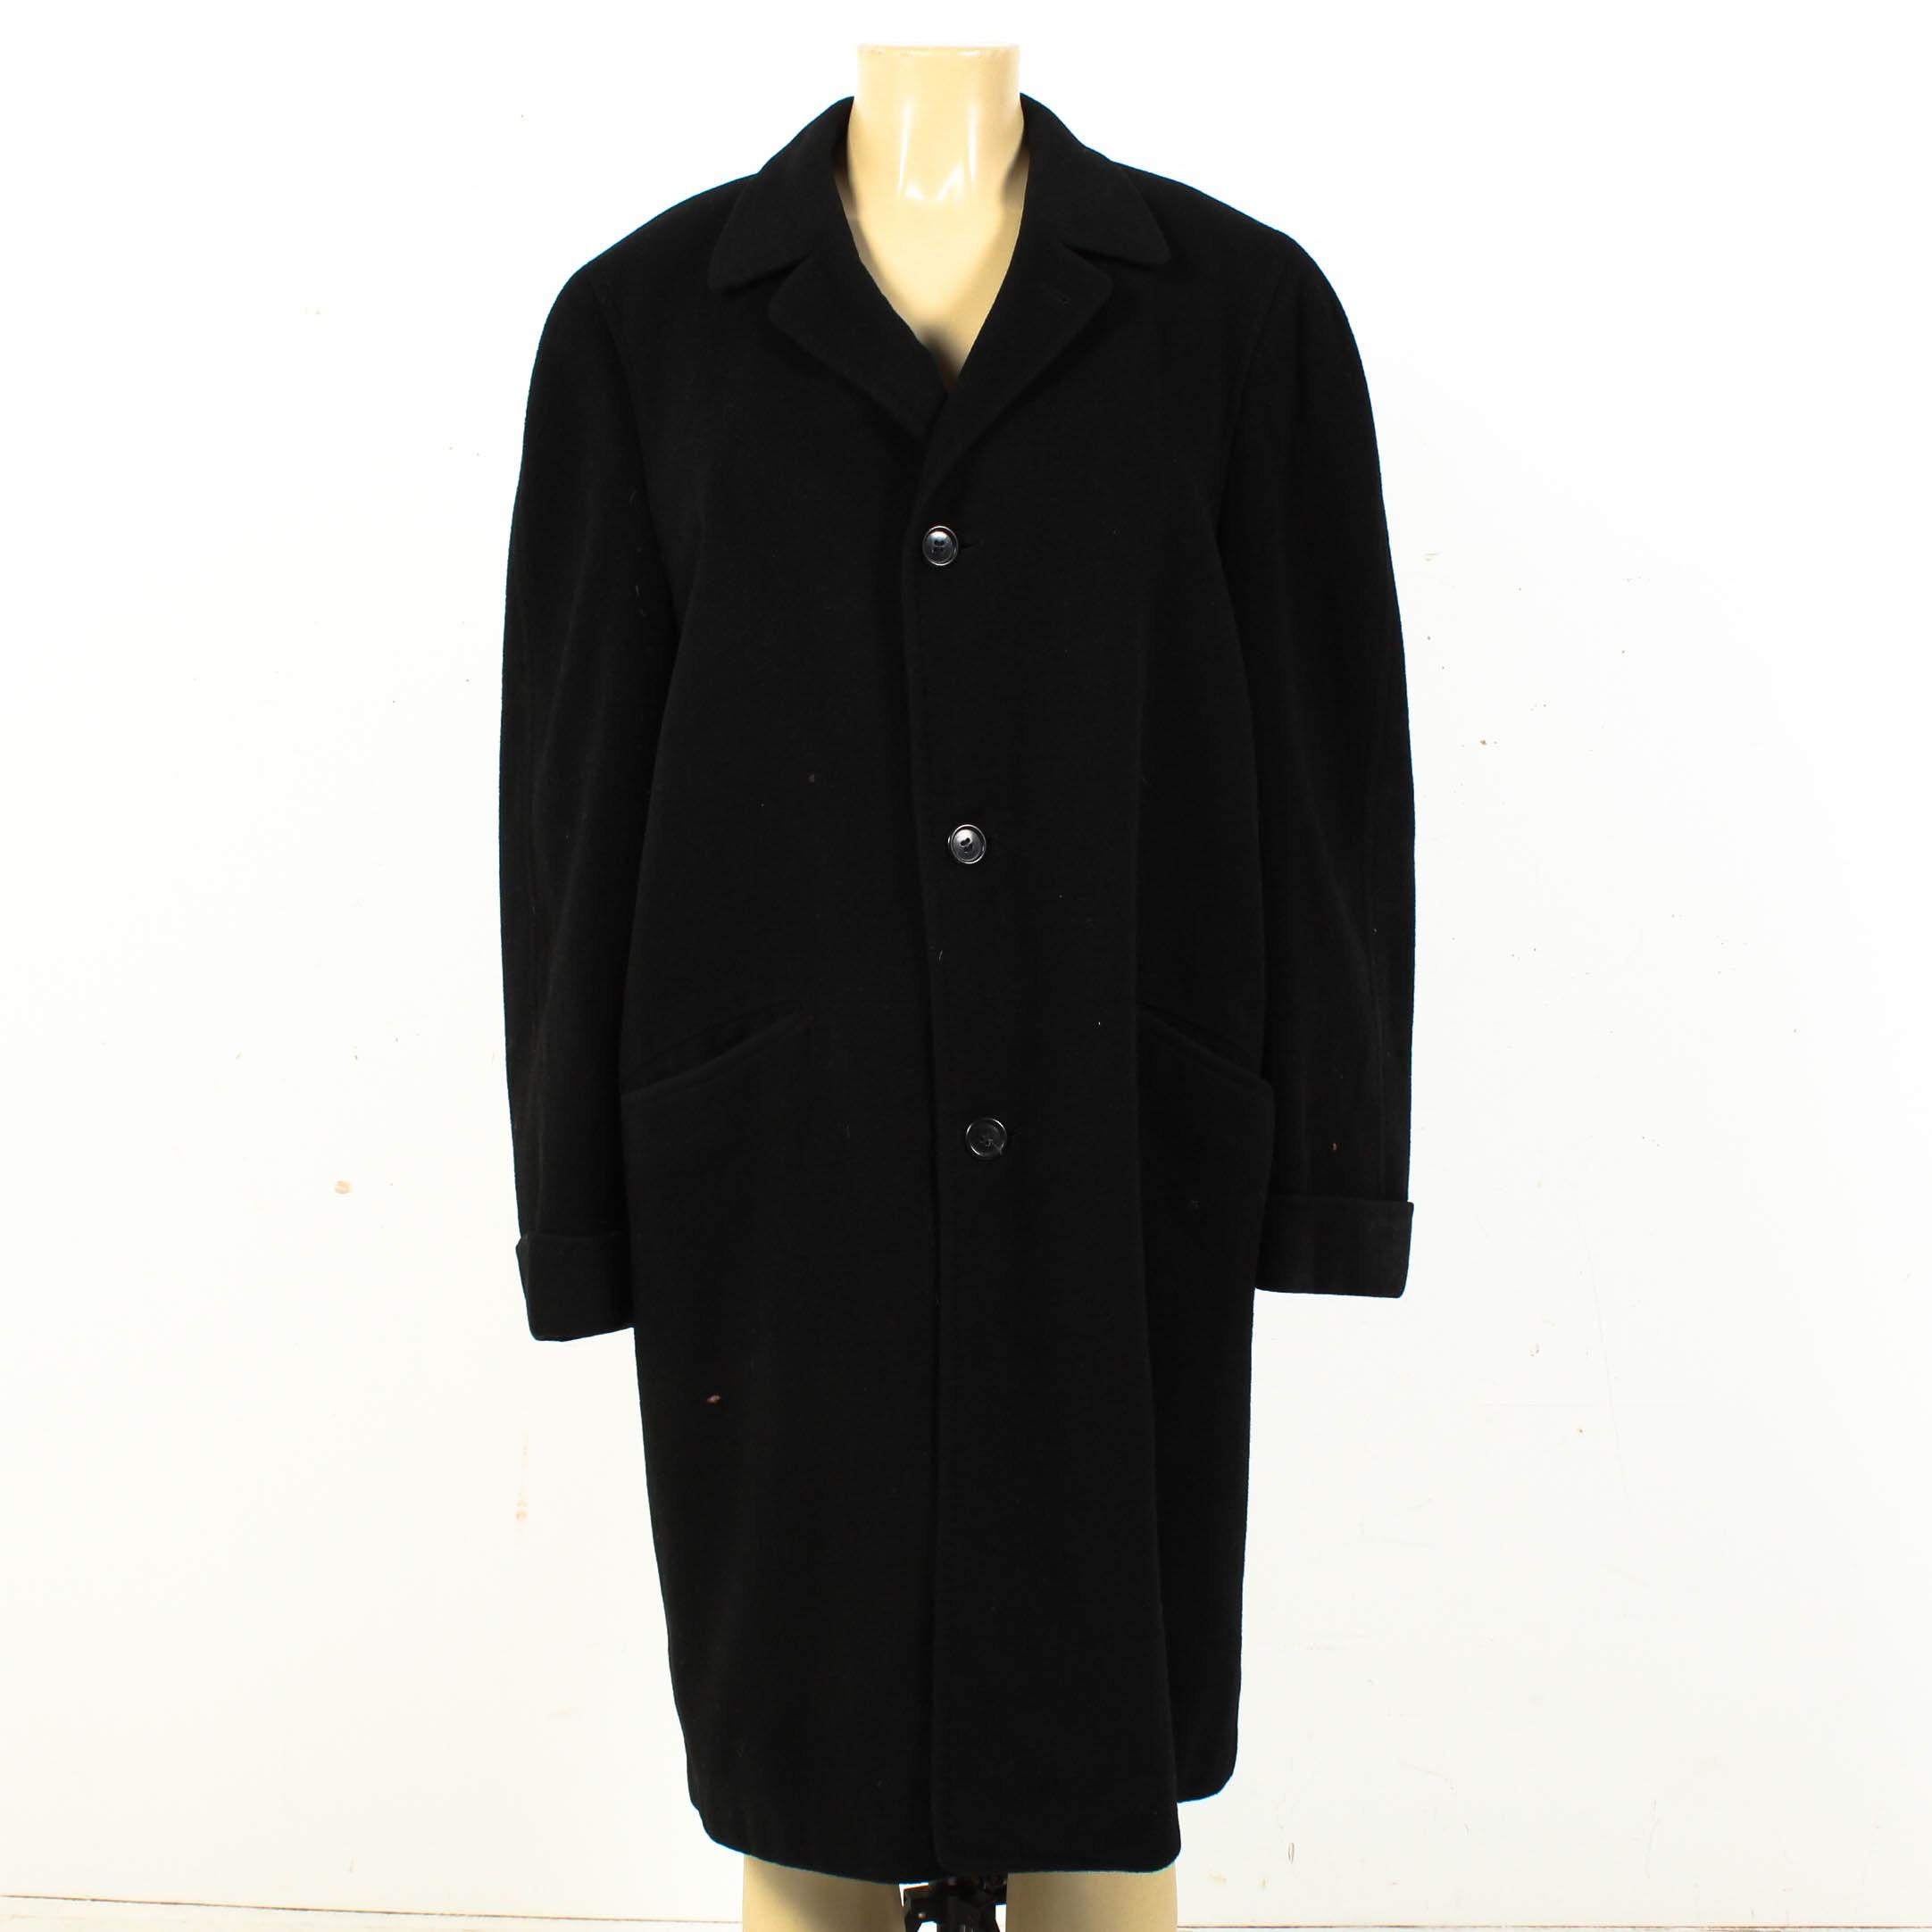 Vintage Black Cashmere Overcoat